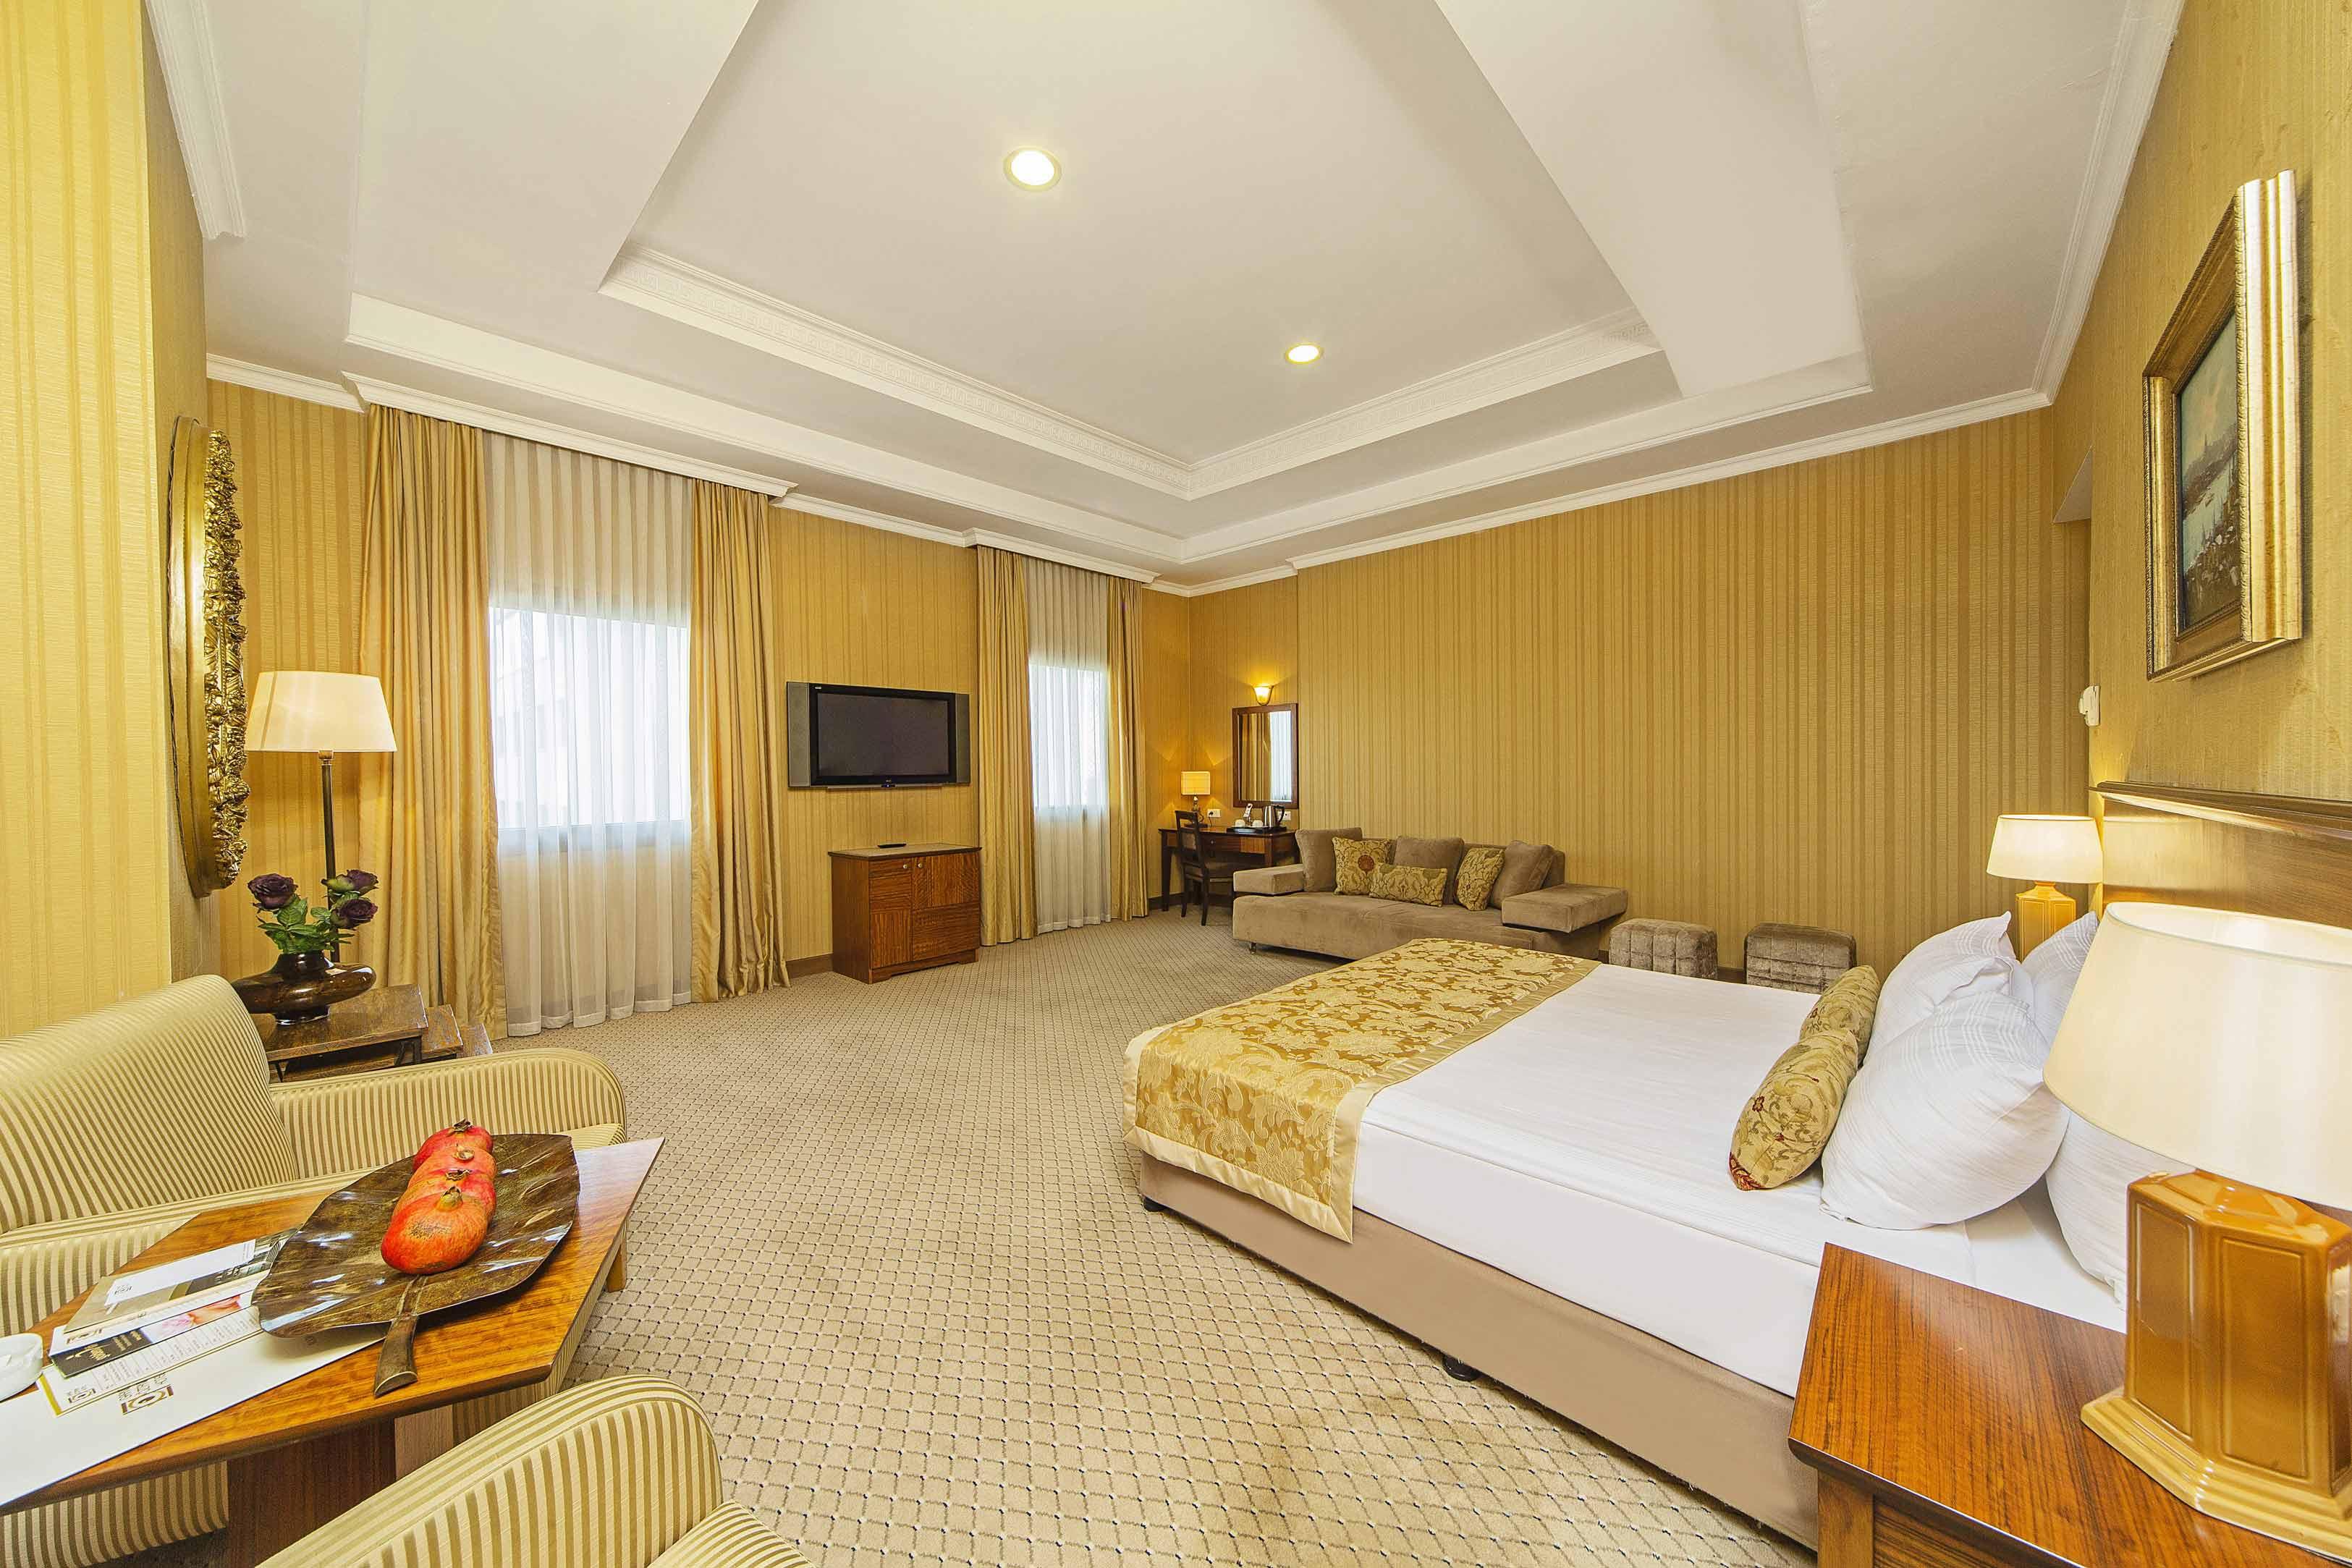 Deluxe Çift Kişilik Oda | The Grand Öztanık Hotel